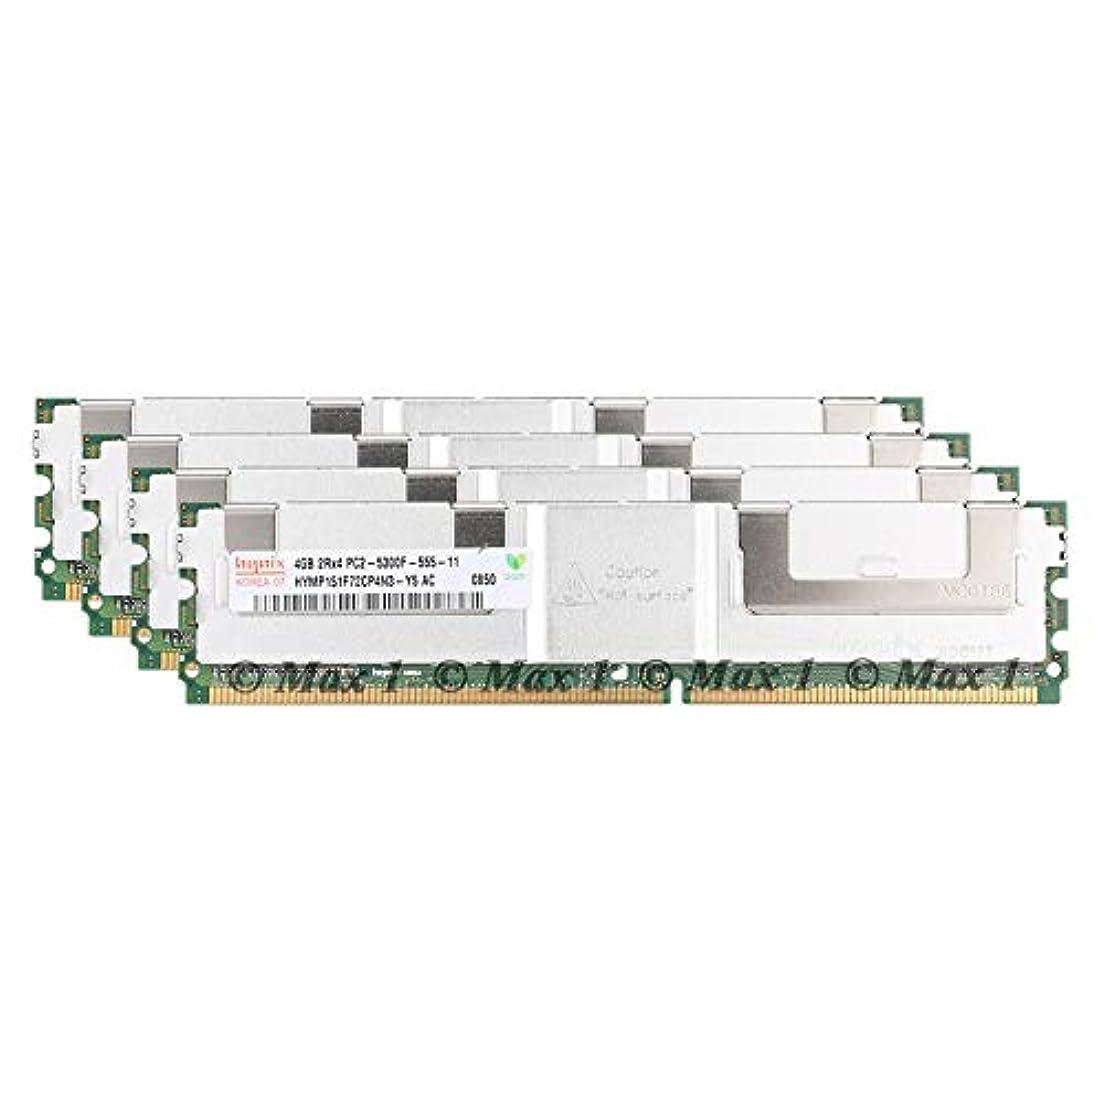 市長恐ろしいです名誉FidgetGear For Hynix 16GB Kit (4x 4GB) DDR2-667MH?z Server Memory Ram PC2-5300F ECC FB-DIMM